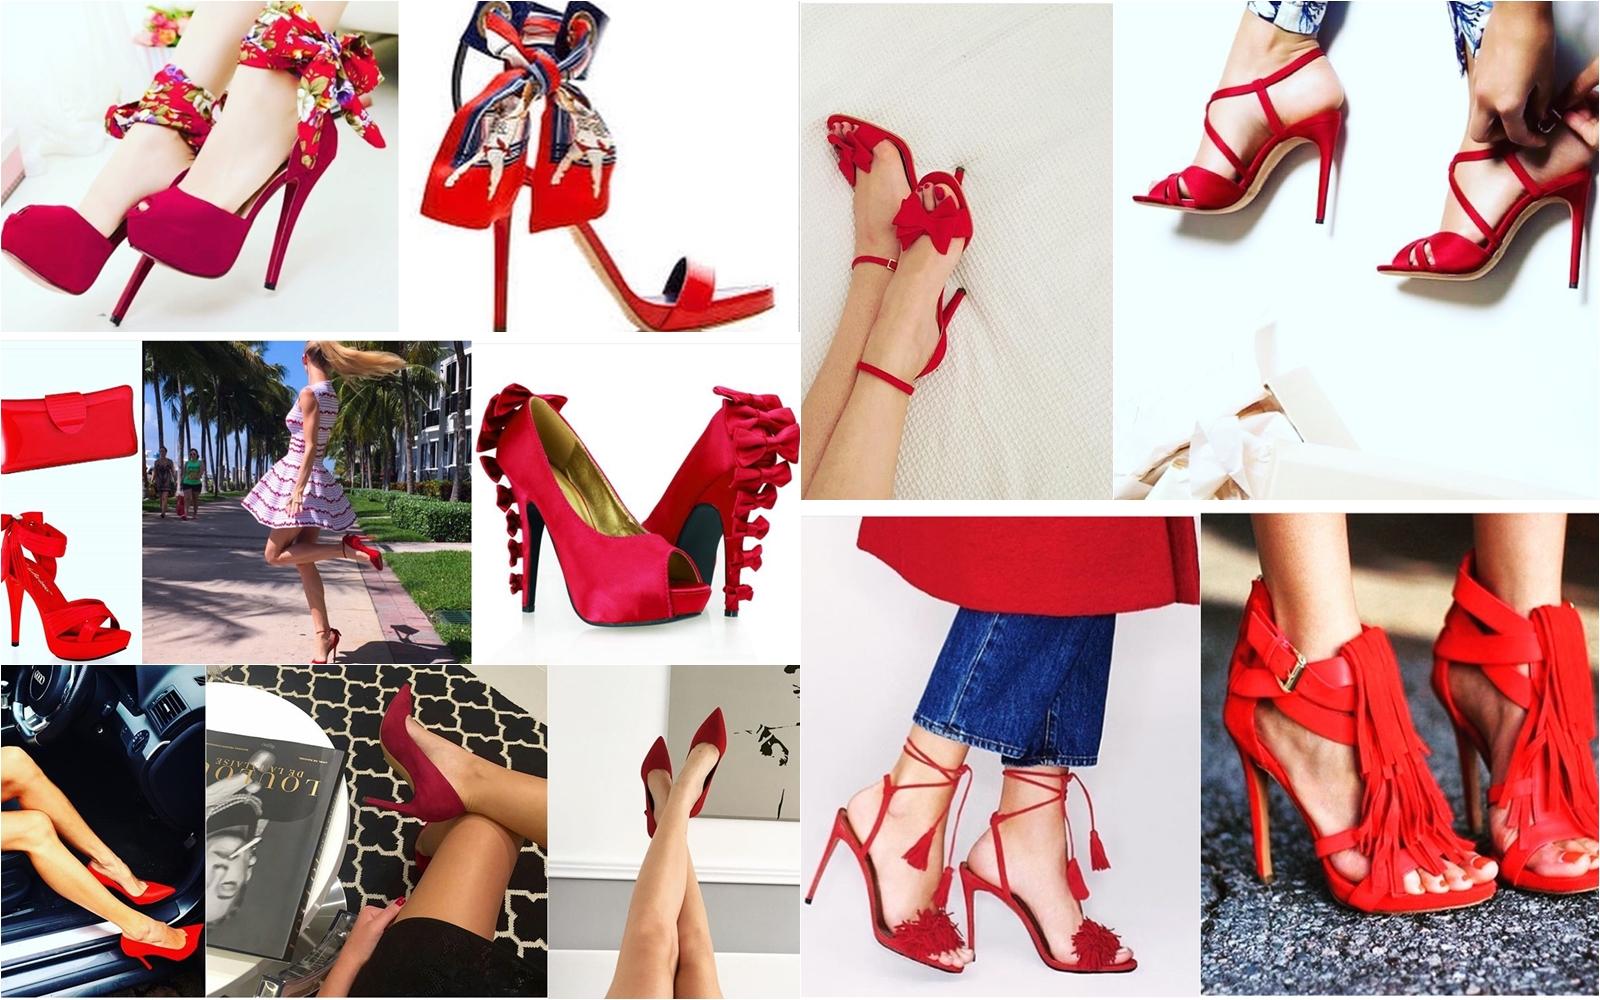 91f0d4d28012a Takie piękne buty też sama chce sobie kupić i doszłam do wniosku, że  podzielę się z Wami moimi inspiracjami :)